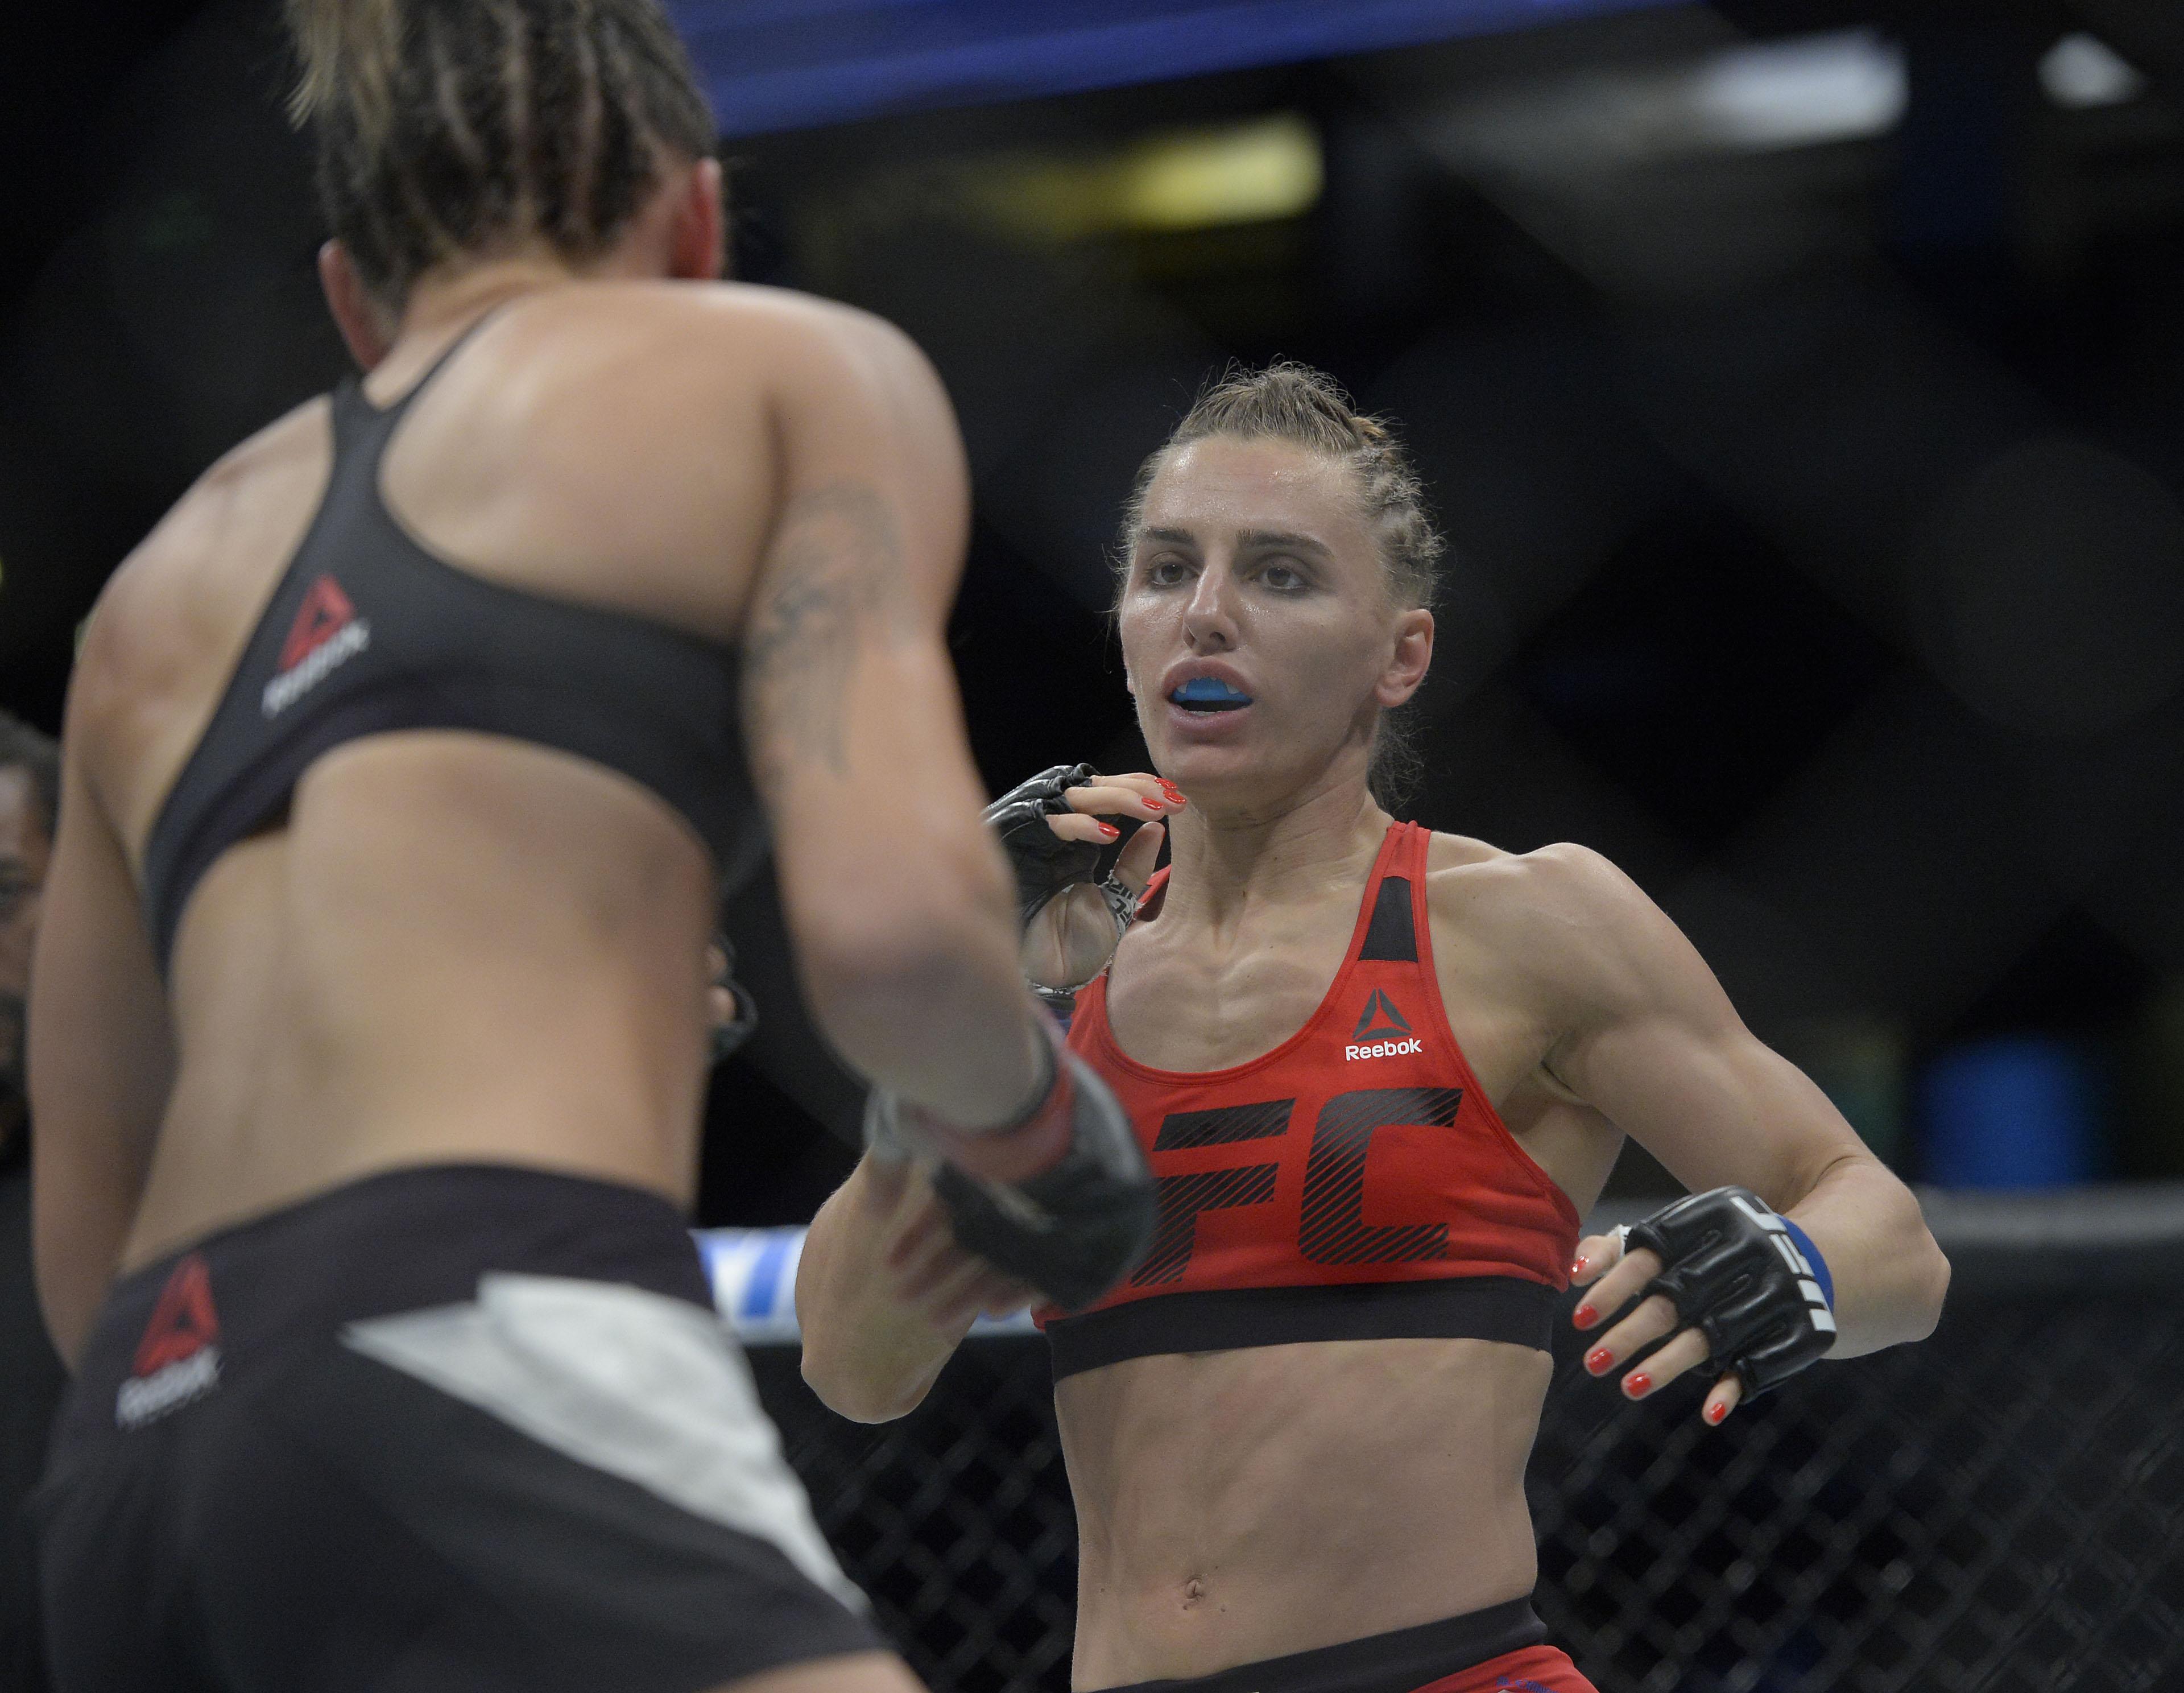 MMA: UFC 214-Curran vs Albu